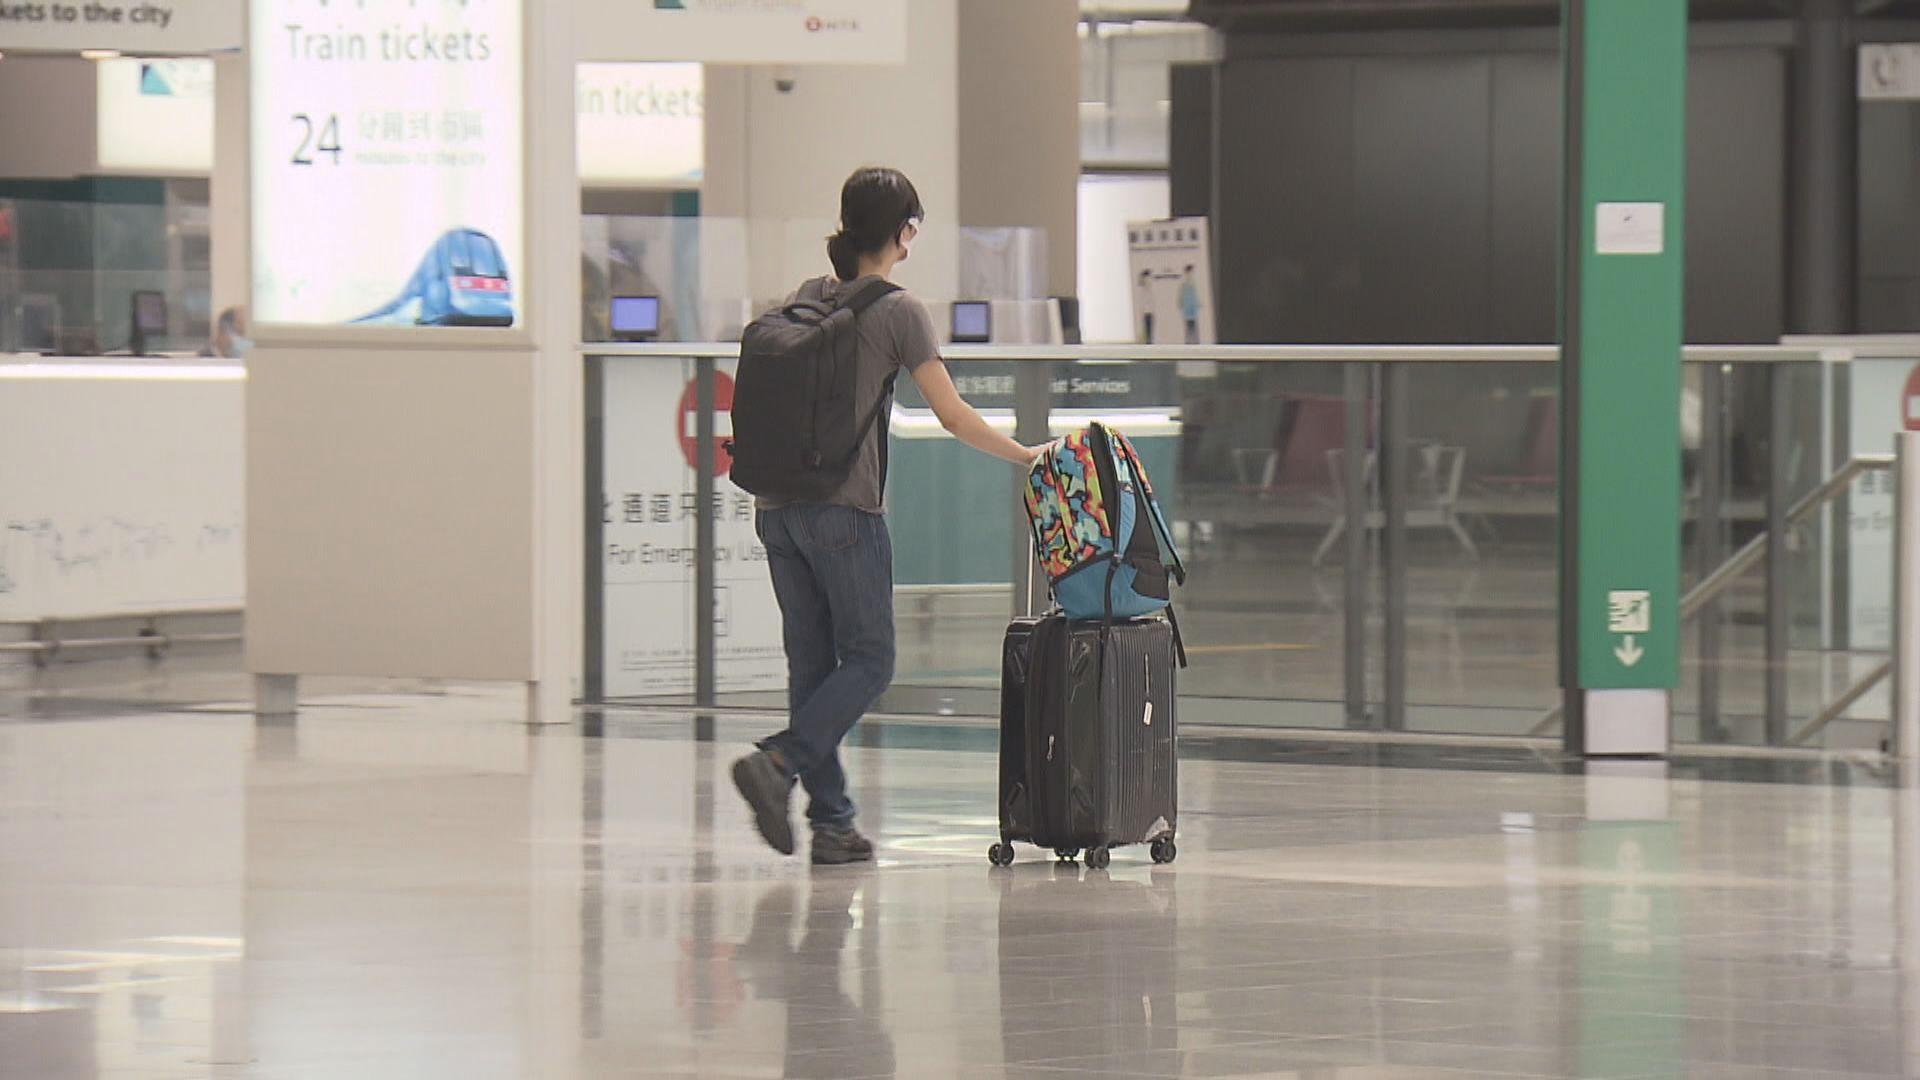 特區政府即日起取消美國外交護照持有人免簽證訪港